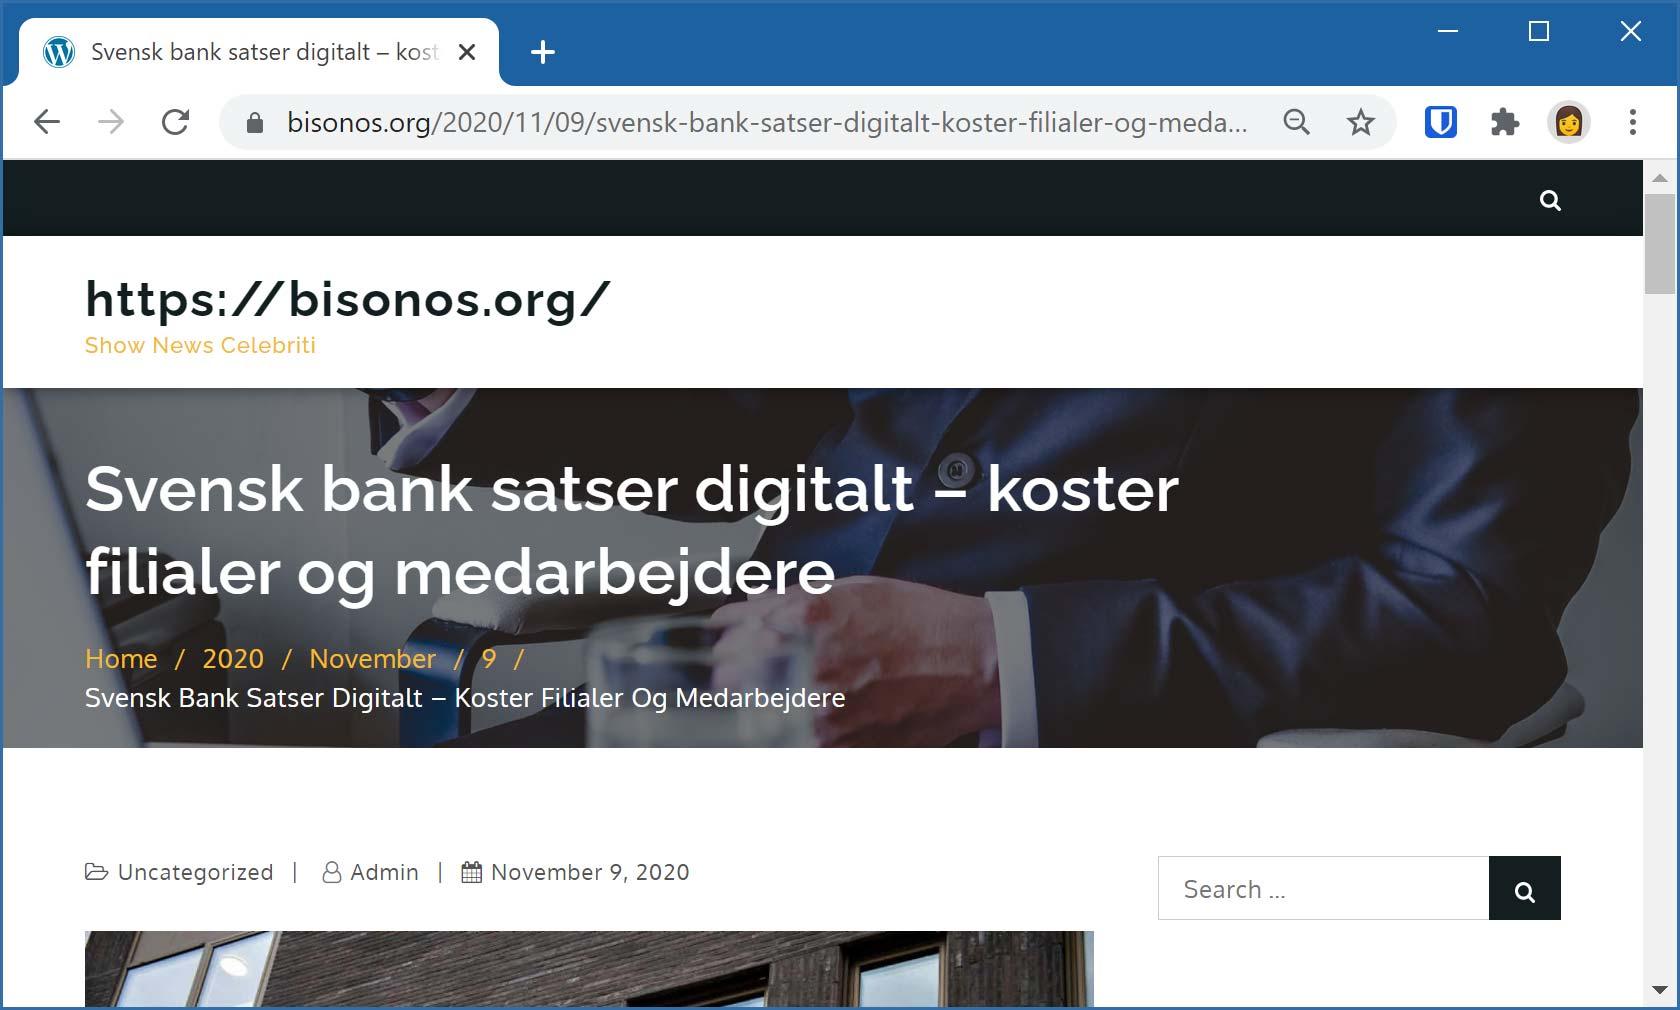 Artikel om att svensk bank satsar digitalt på bekostnad av filialer och medarbetare.